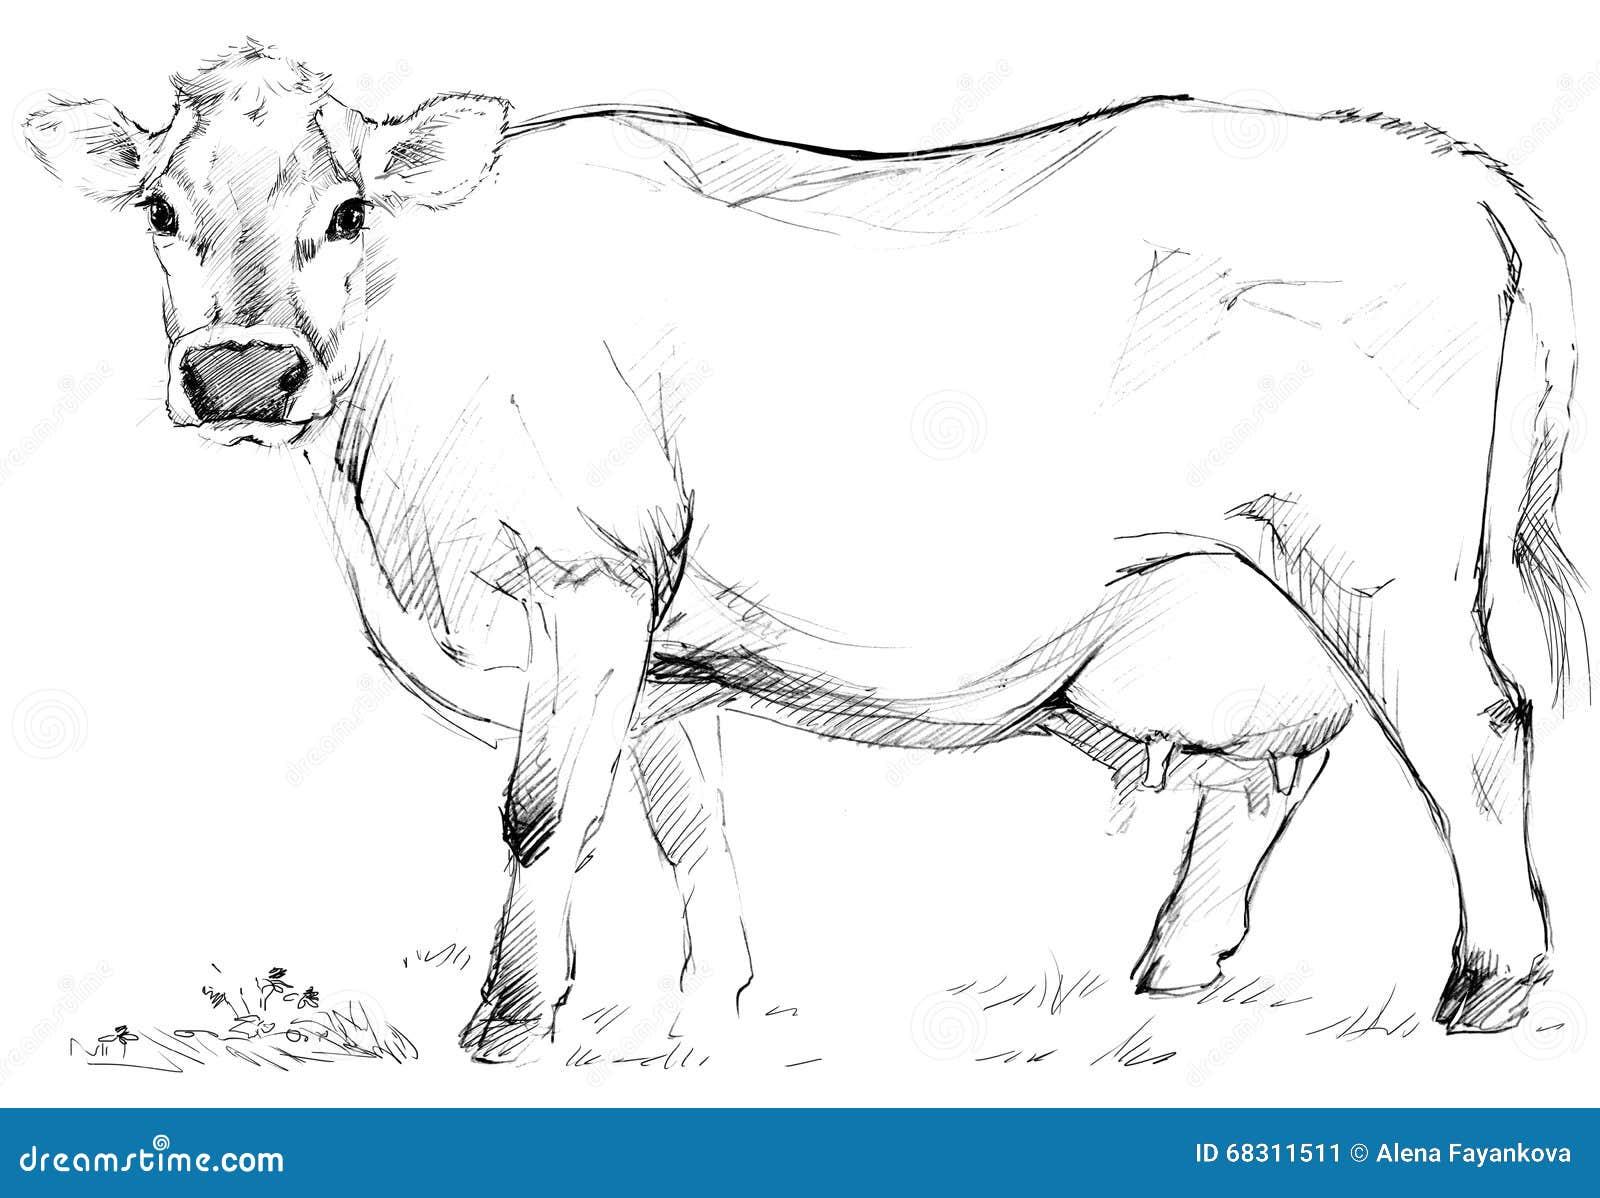 данной коровы в разных ракурсах примеру